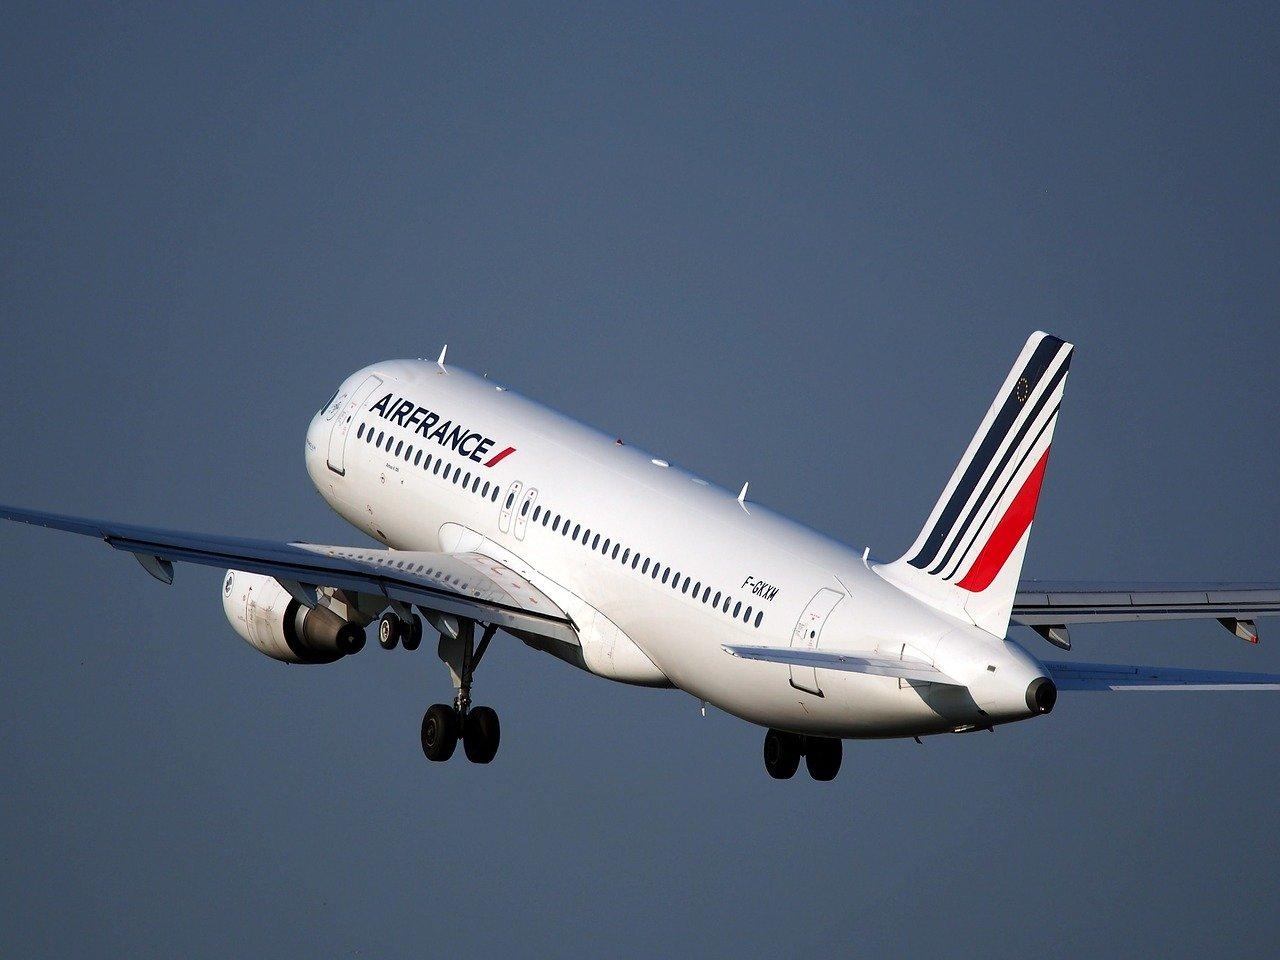 Air France va avoir recours au chômage partiel pendant 6 mois